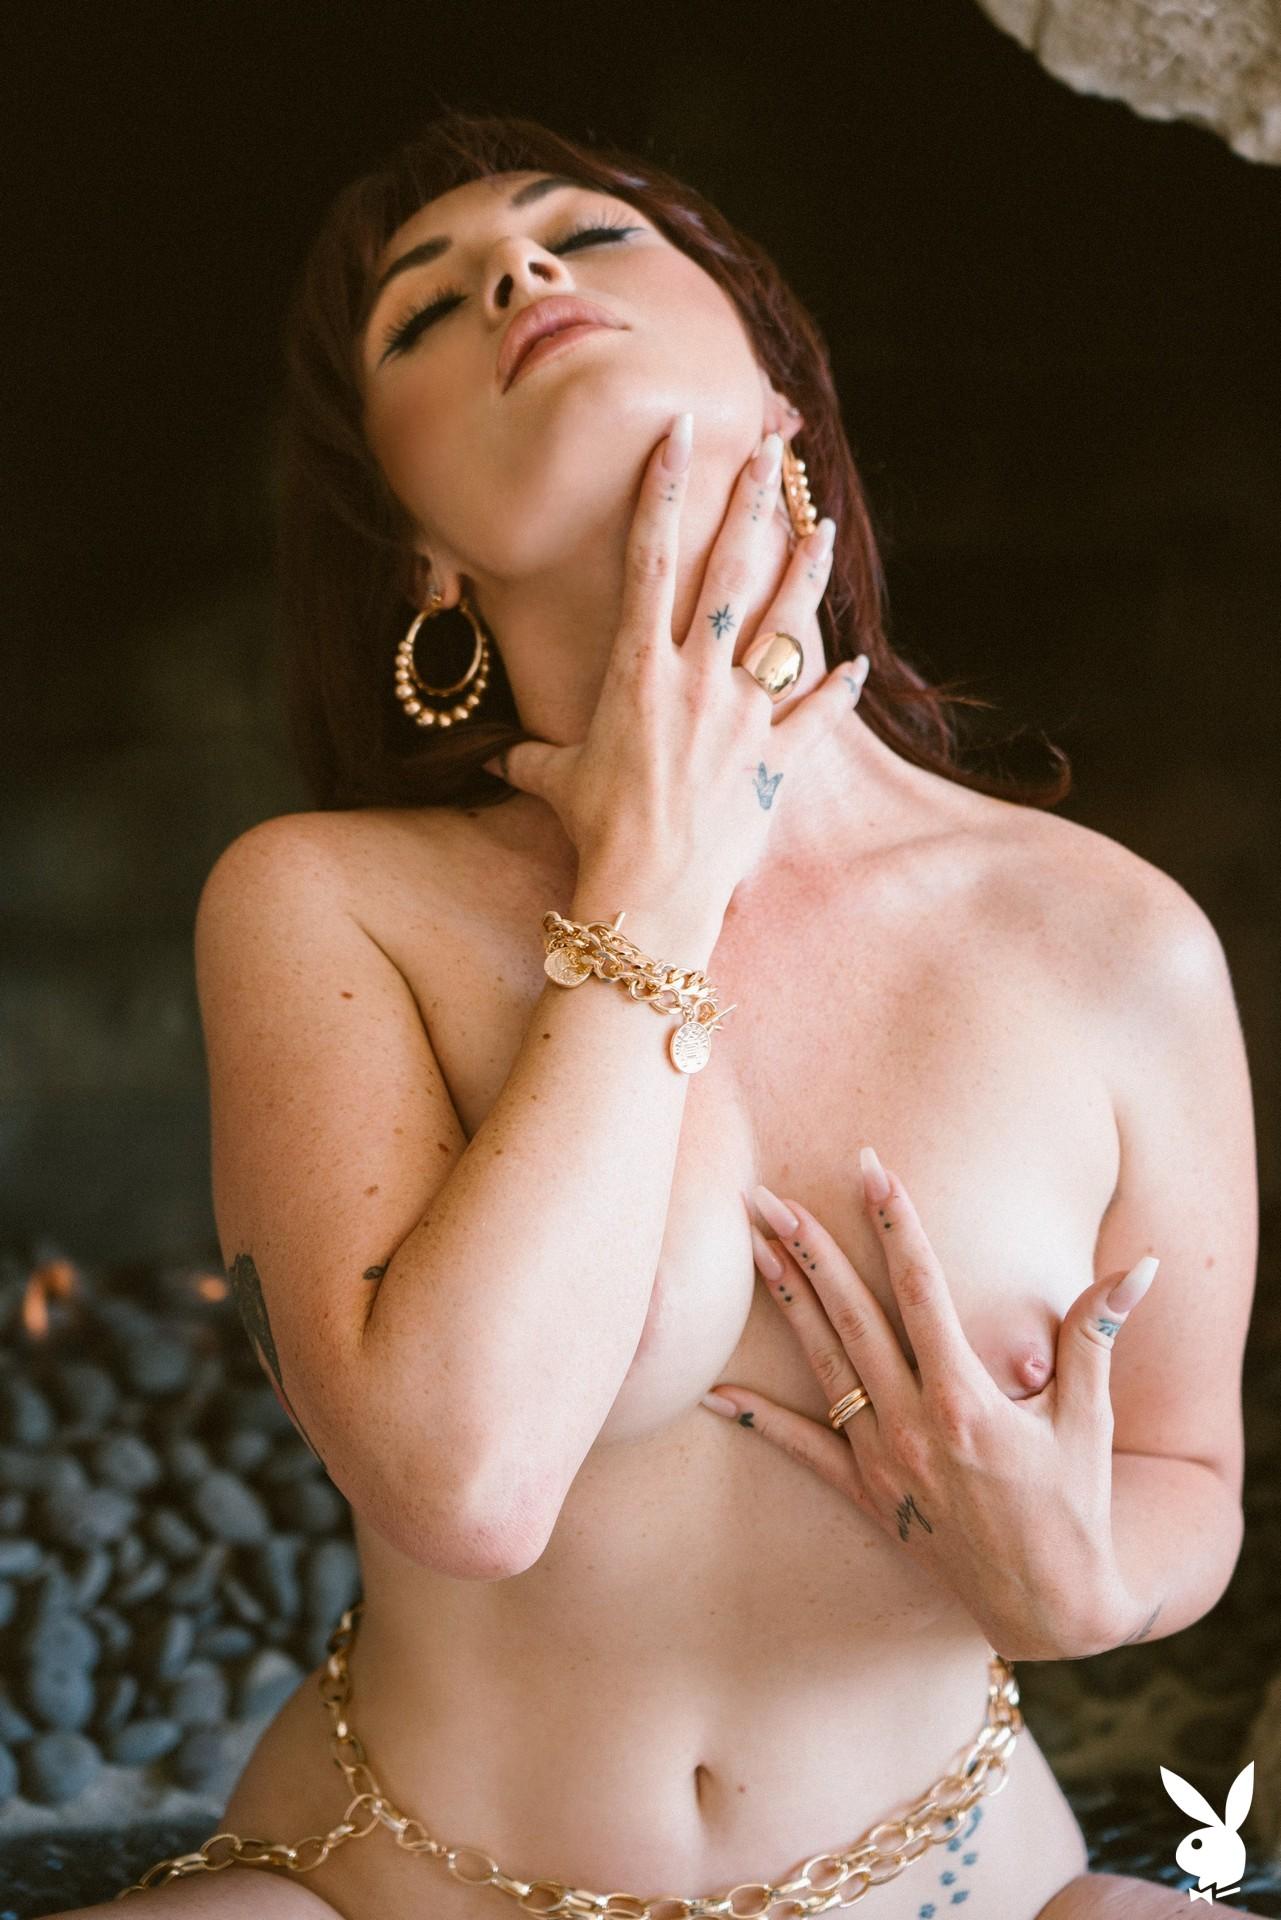 Kenna In Warm Invitation Playboy Plus (27)